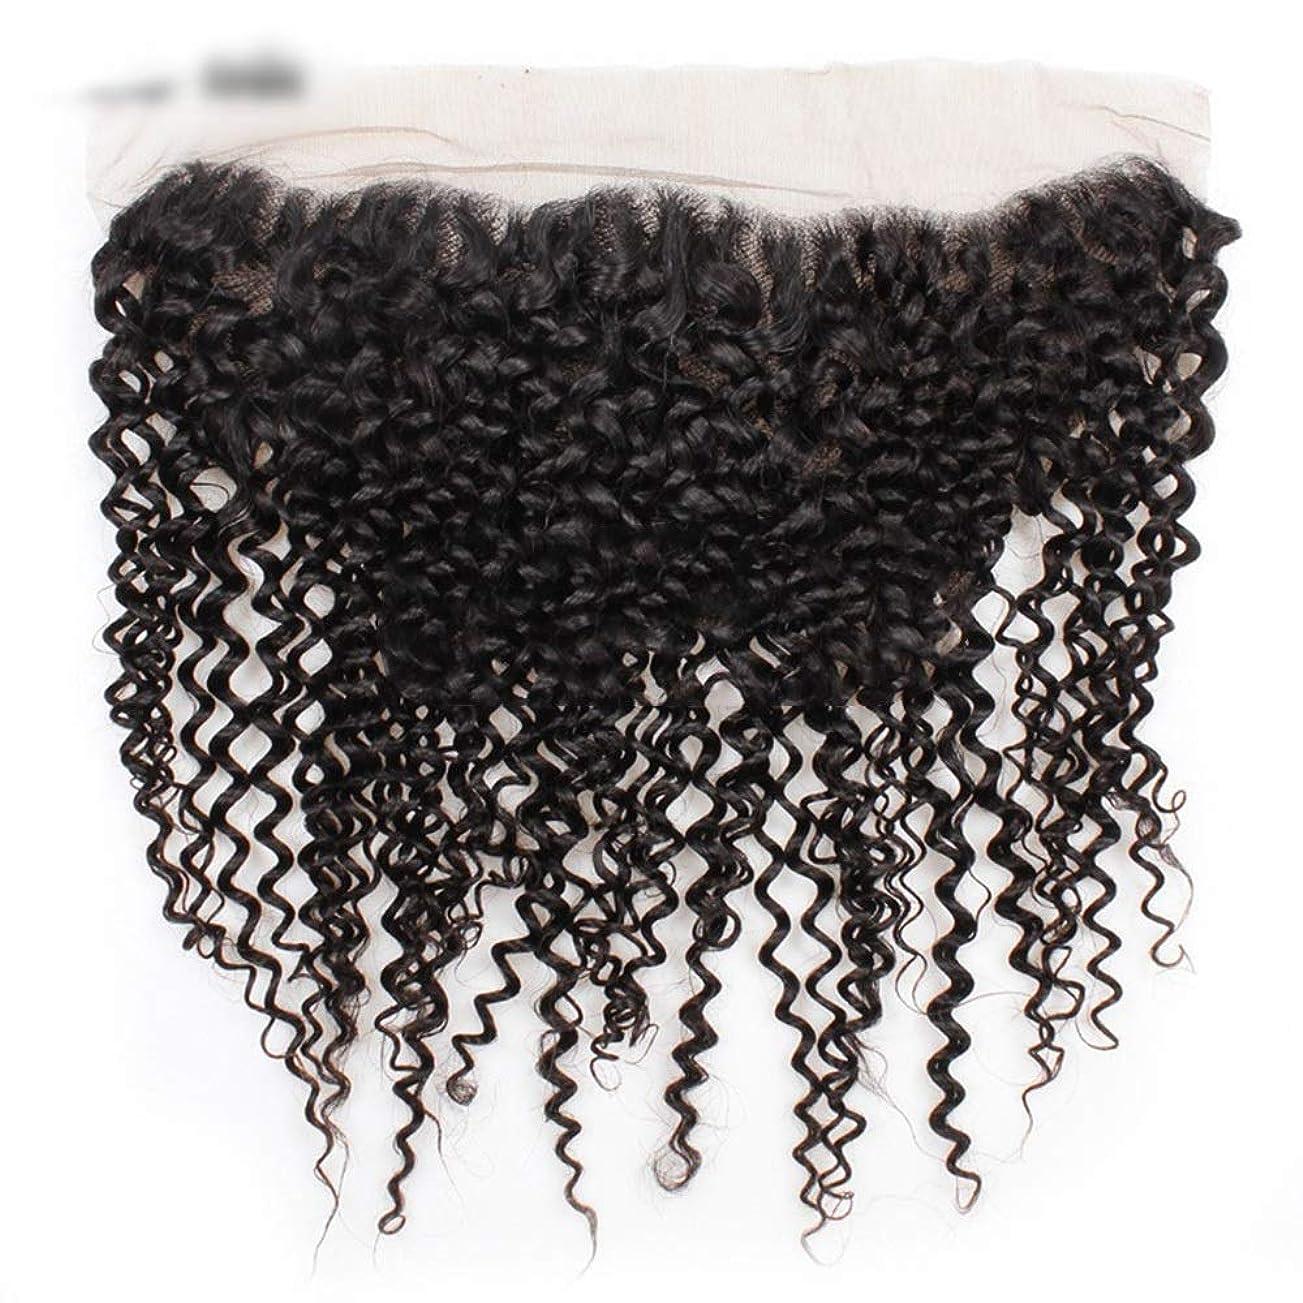 出発するふさわしい水星YAHONGOE ブラジルのナチュラルカーリー織り人毛クロージャーレース前頭部4x13ナチュラルブラックカラー8インチ-20インチ複合ヘアレースかつらロールプレイングウィッグロングとショート女性自然 (色 : 黒, サイズ : 18 inch)